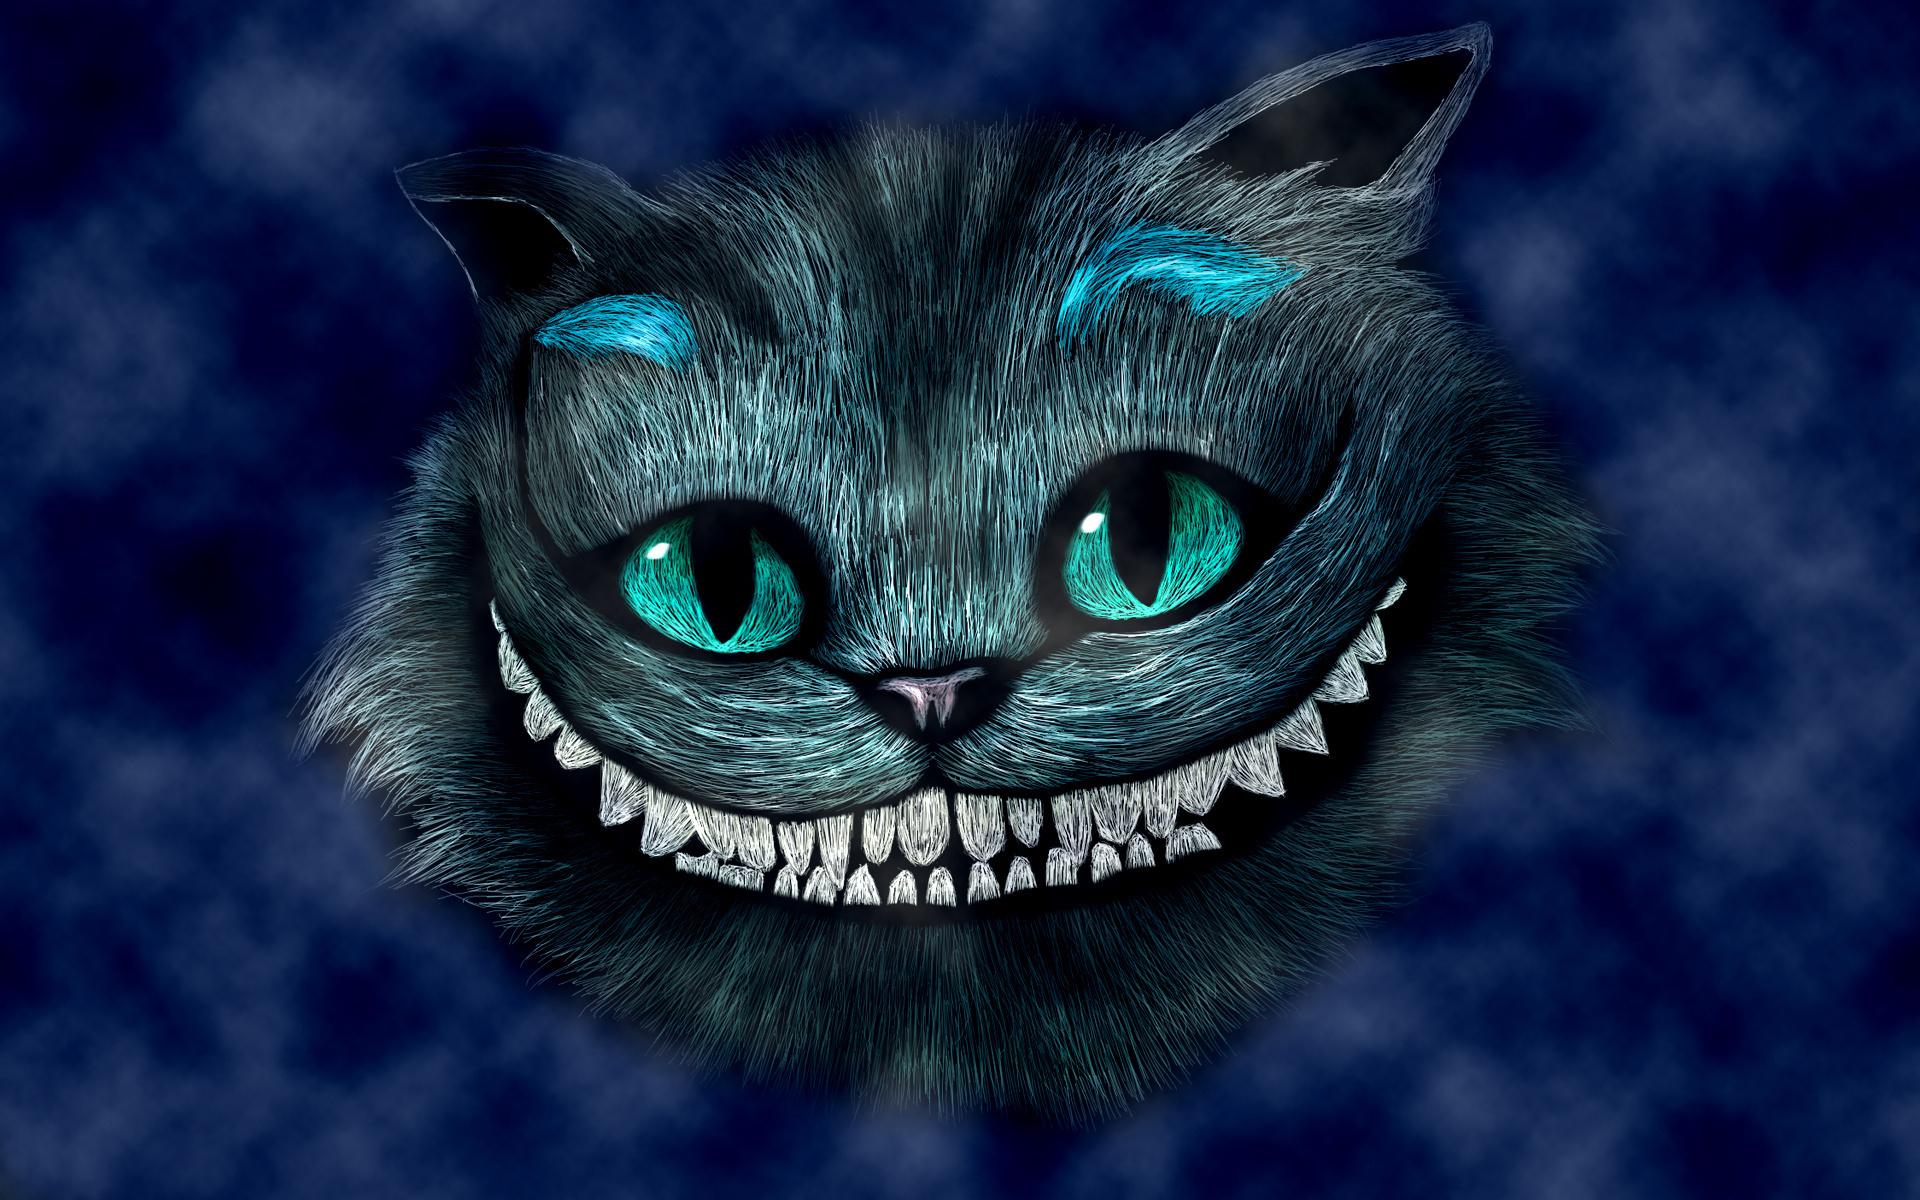 картинка кот улыбка картинки